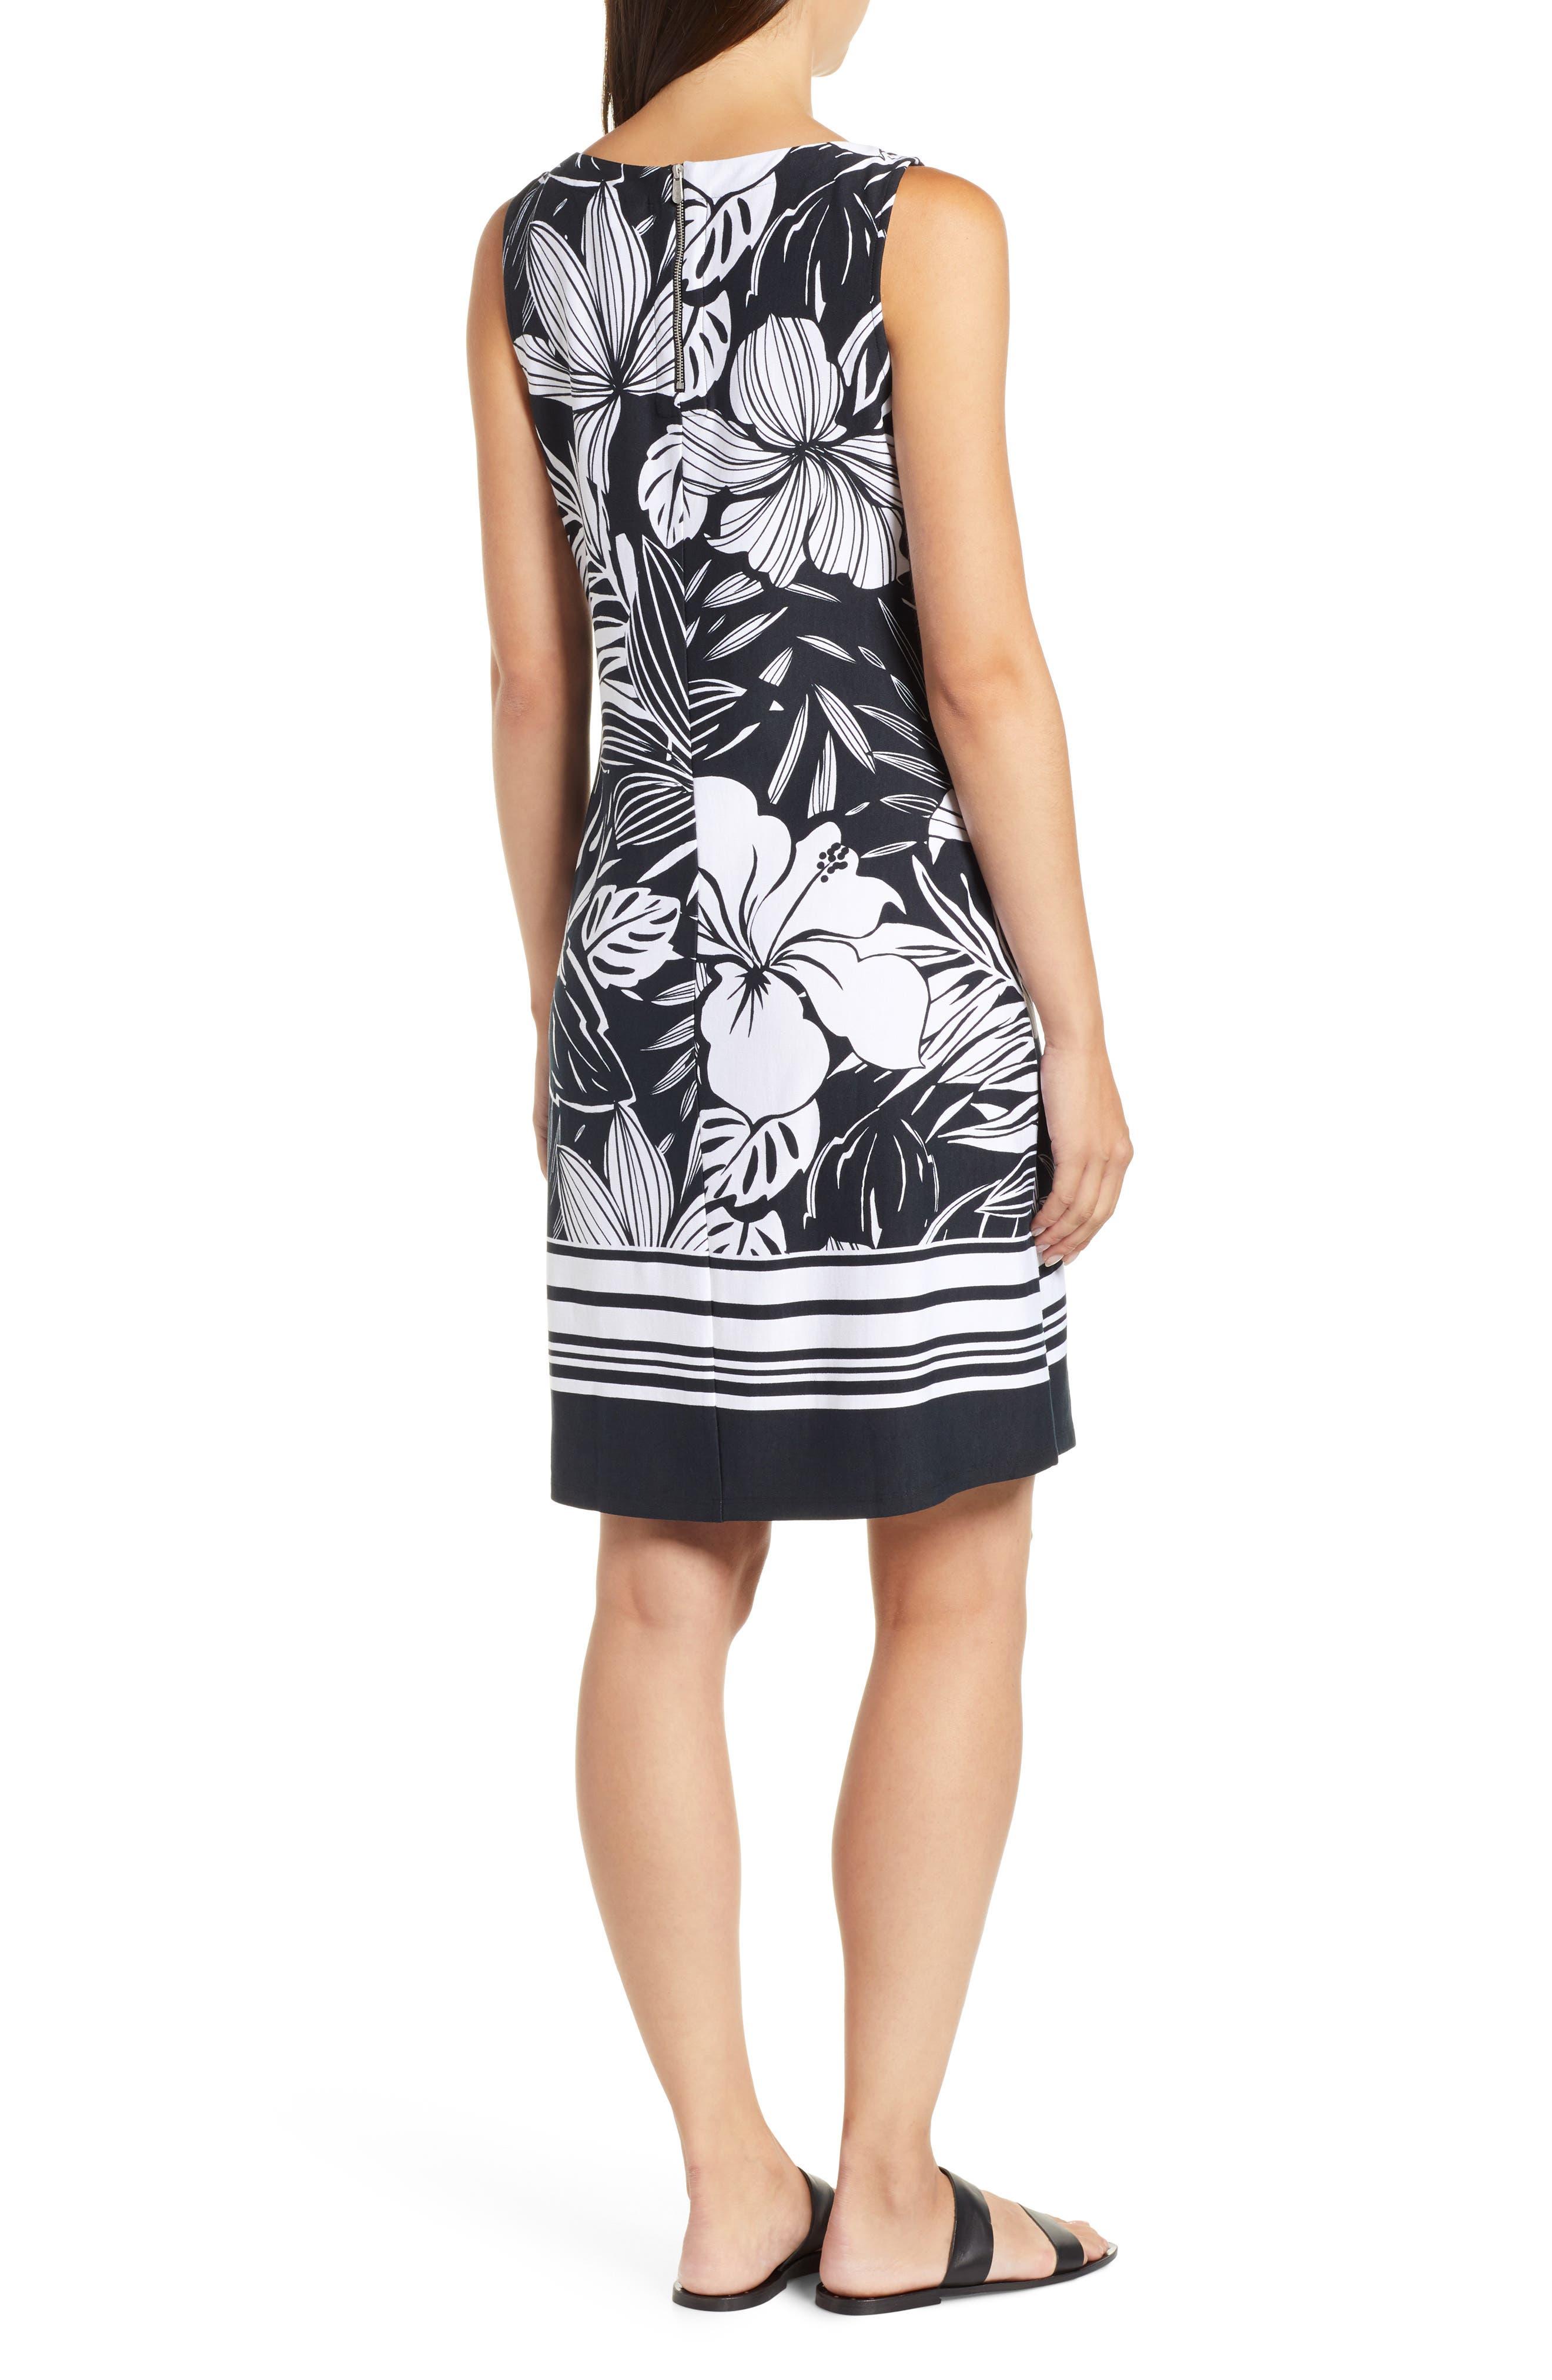 TOMMY BAHAMA,                             Mahana Beach Sheath Dress,                             Alternate thumbnail 2, color,                             BLACK